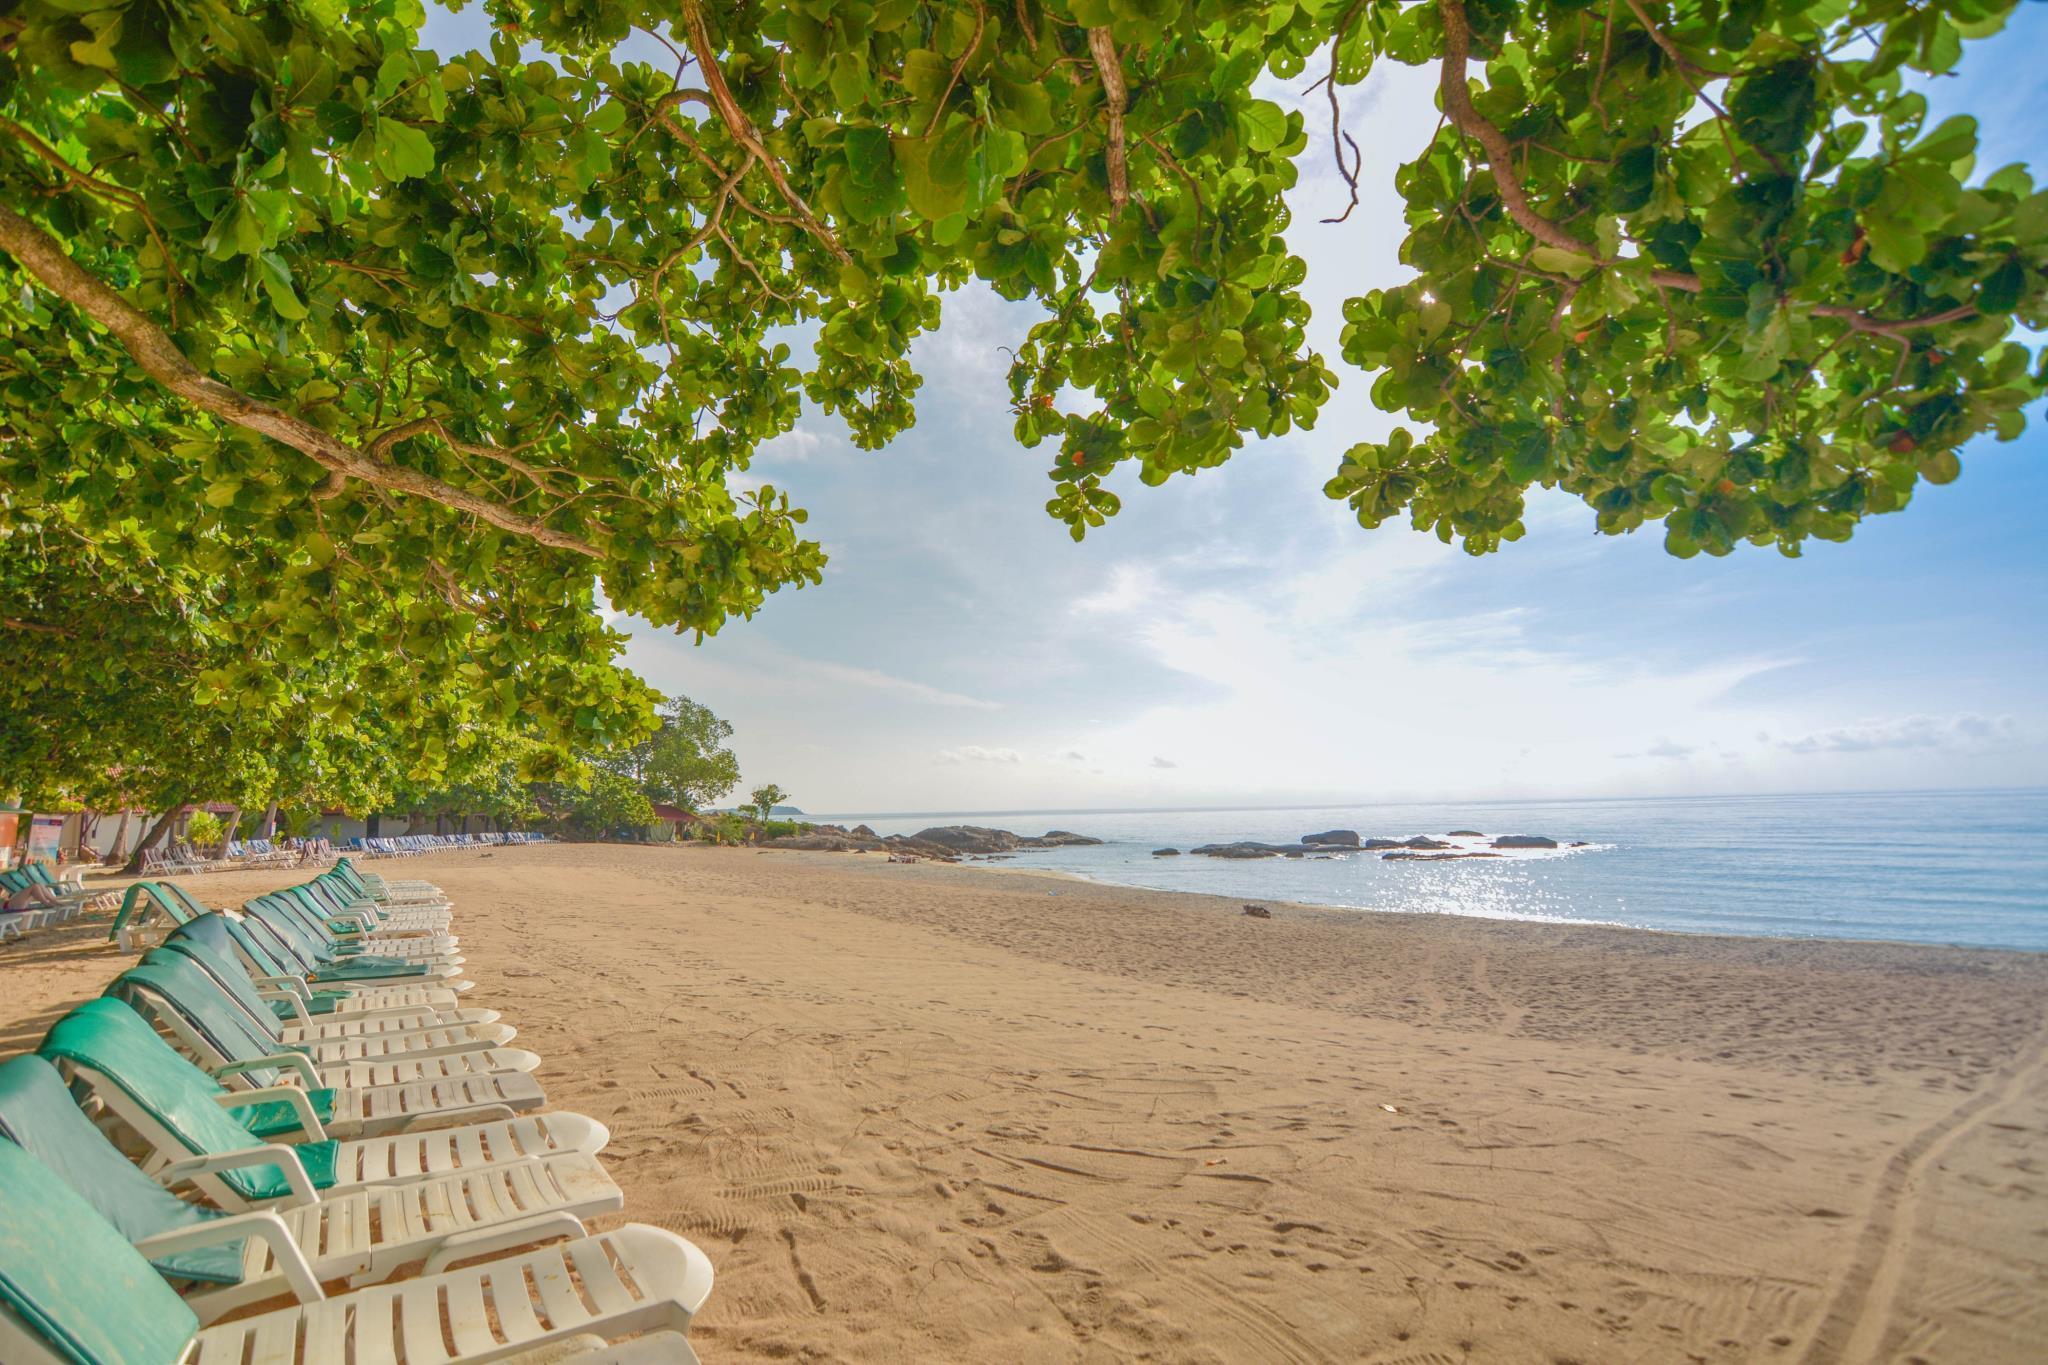 เฟิร์ส บังกะโล บีช รีสอร์ท หาดเฉวง เกาะสมุย